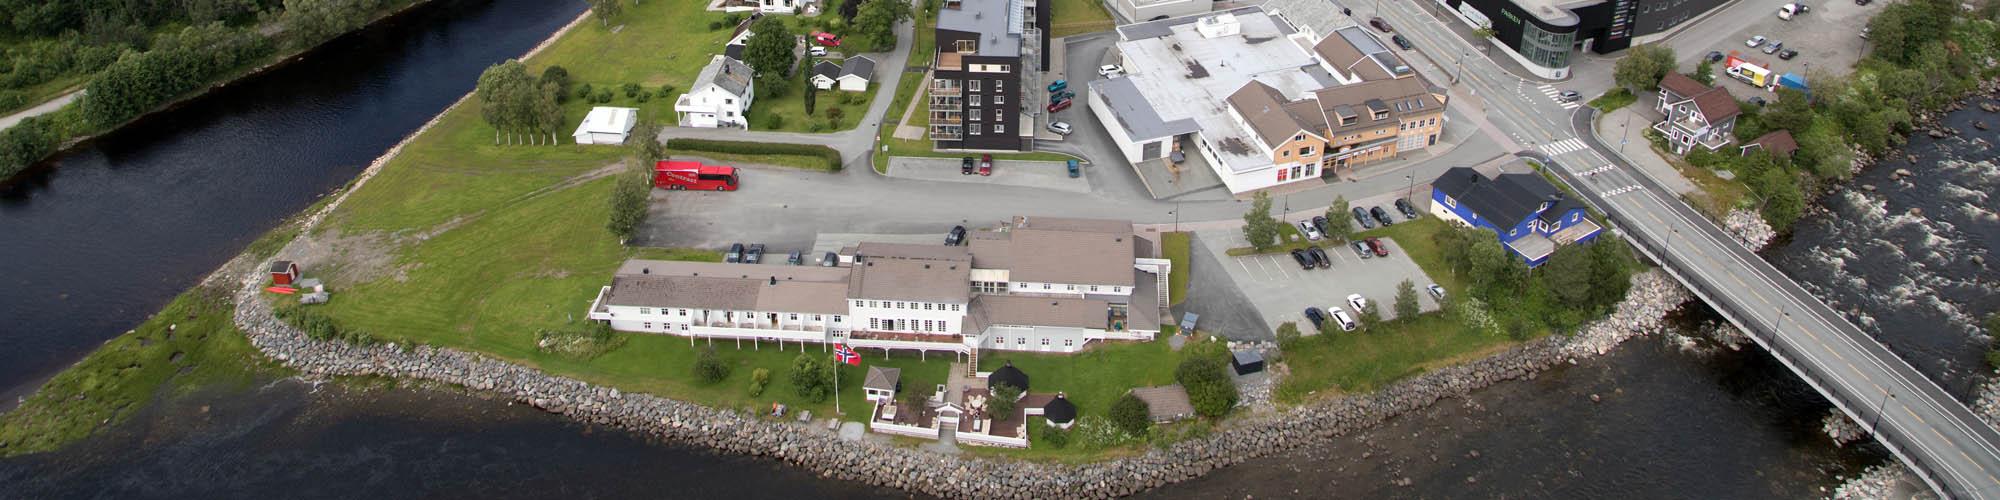 Fosen Fjordhotel